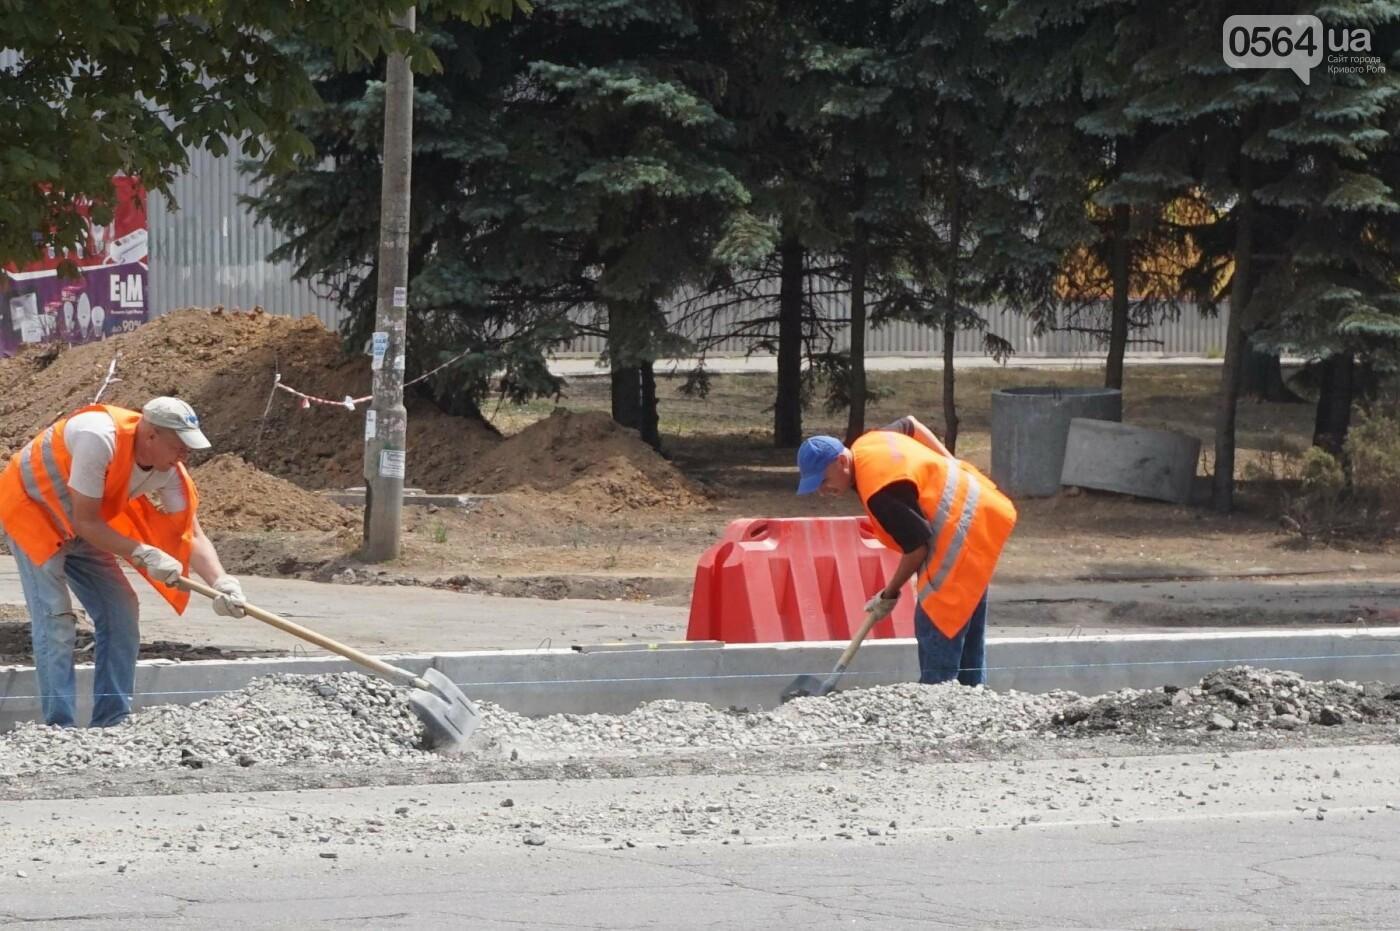 С сегодняшнего дня на центральном проспекте Кривого Рога отменены 3 остановки и запрещена парковка, - ФОТО, фото-21